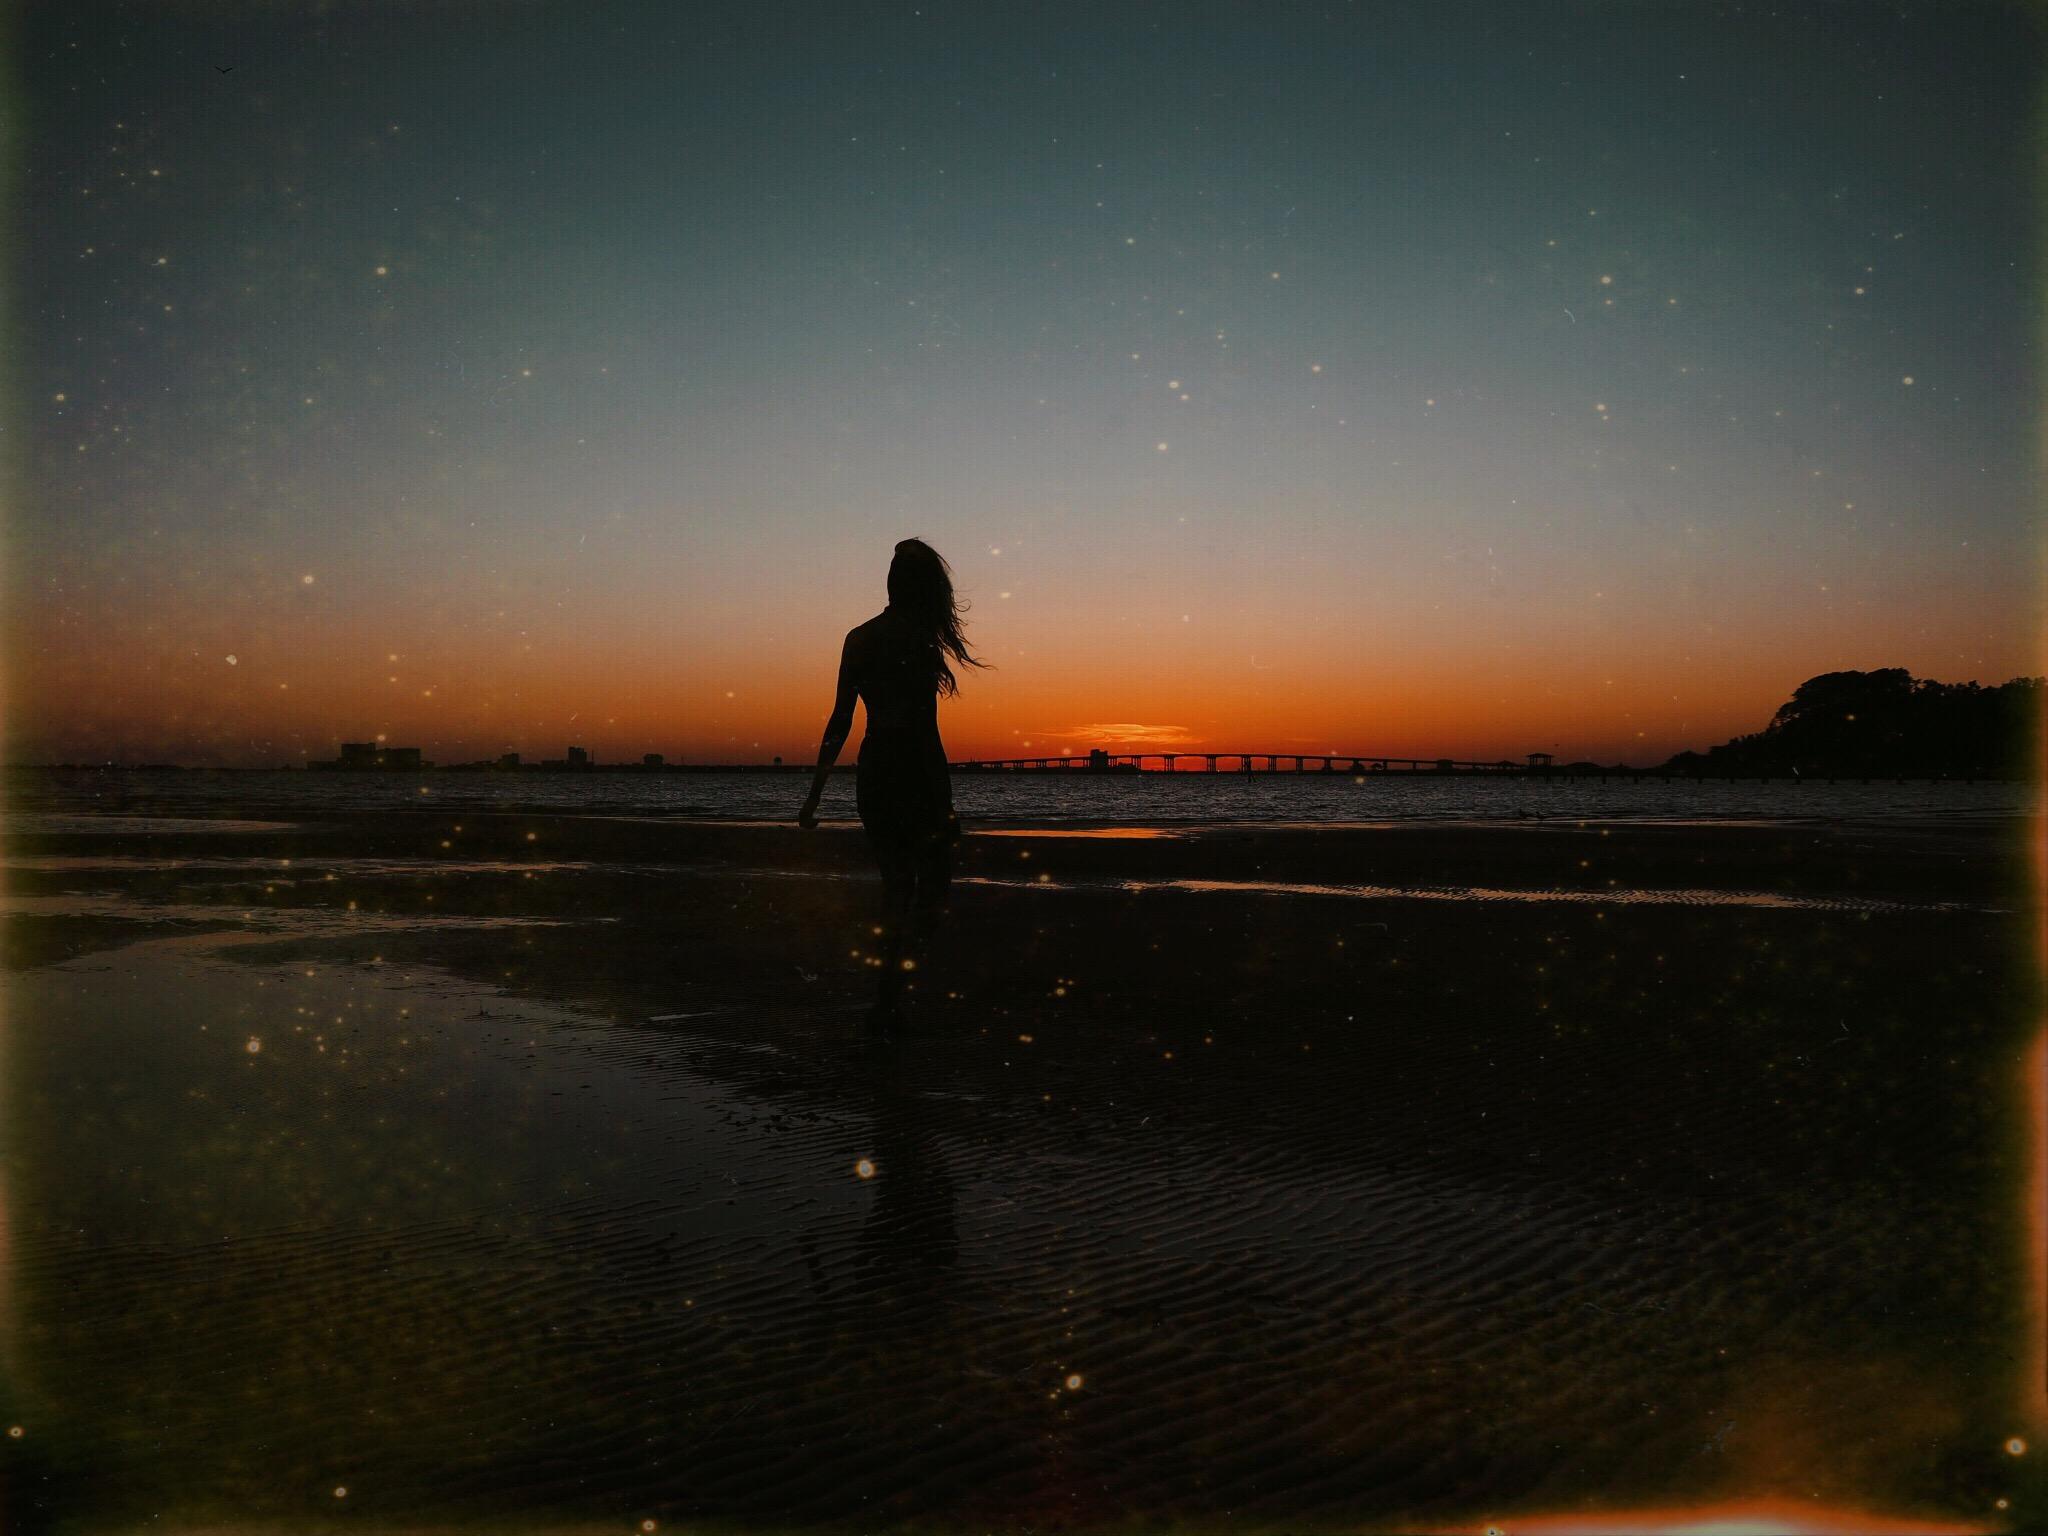 Sunset at Weeks Bayou | Oui We